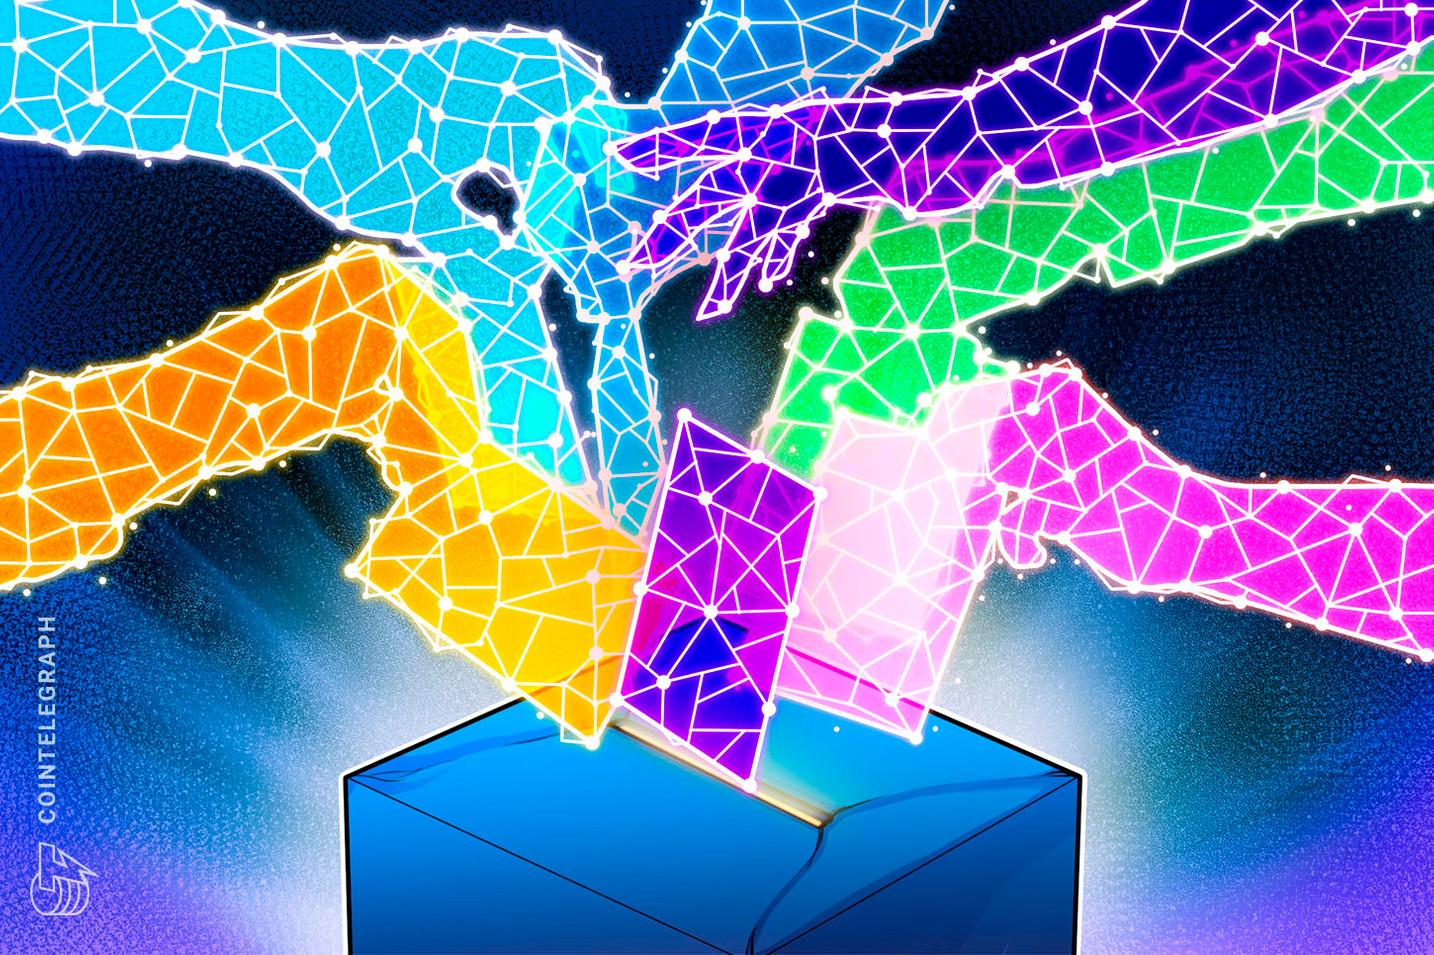 El condado de Utah se convierte en la tercera jurisdicción de EE. UU. en implementar la votación blockchain